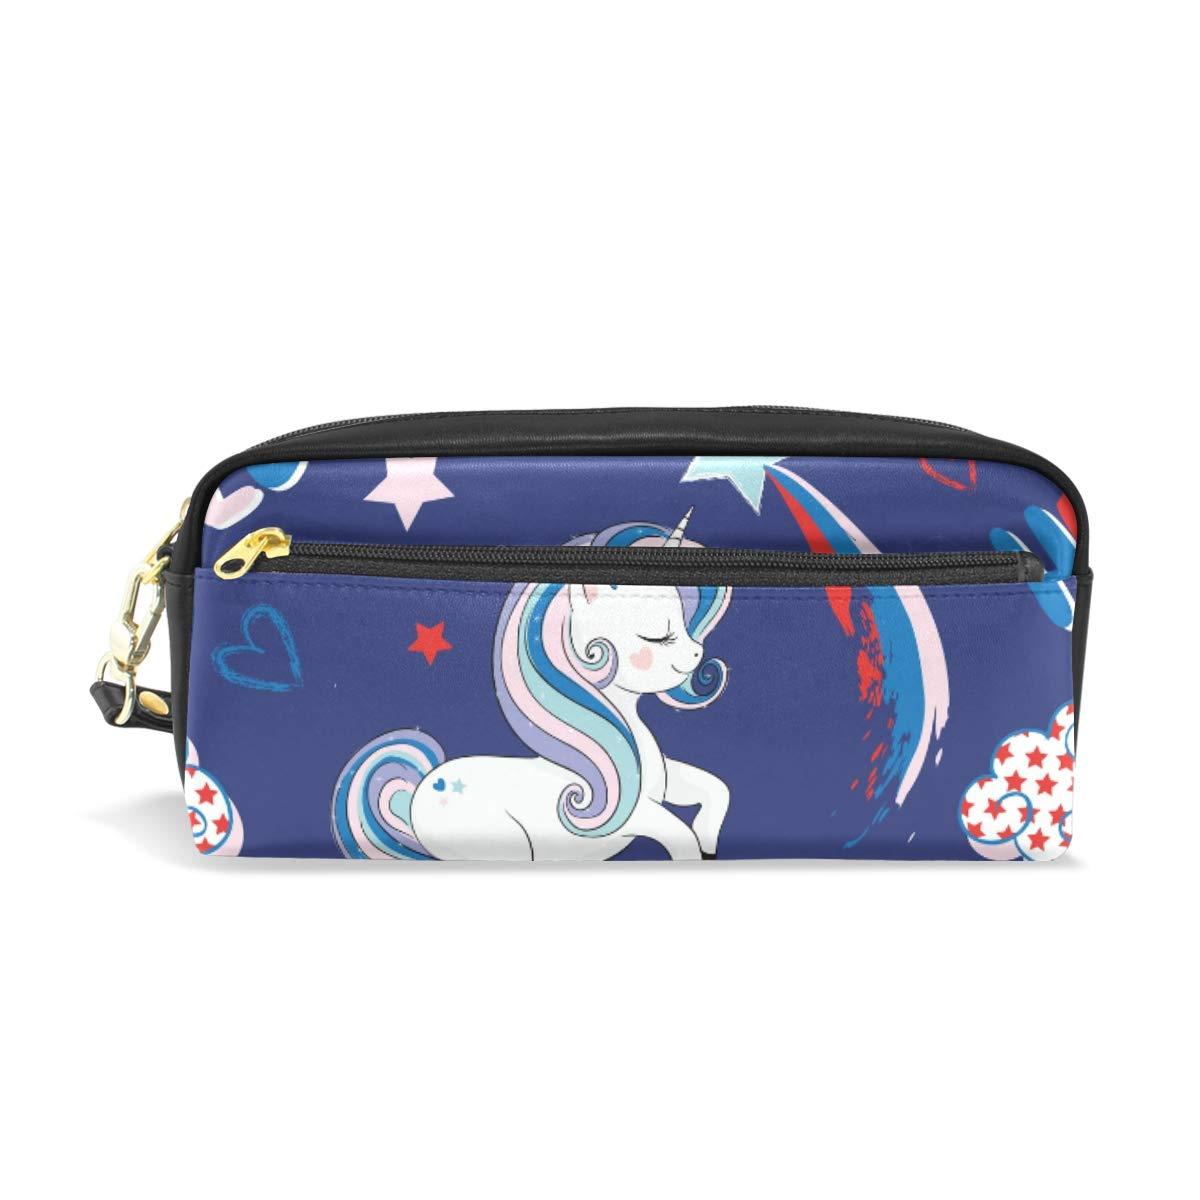 Unicorn Pencil Case by Blue Q